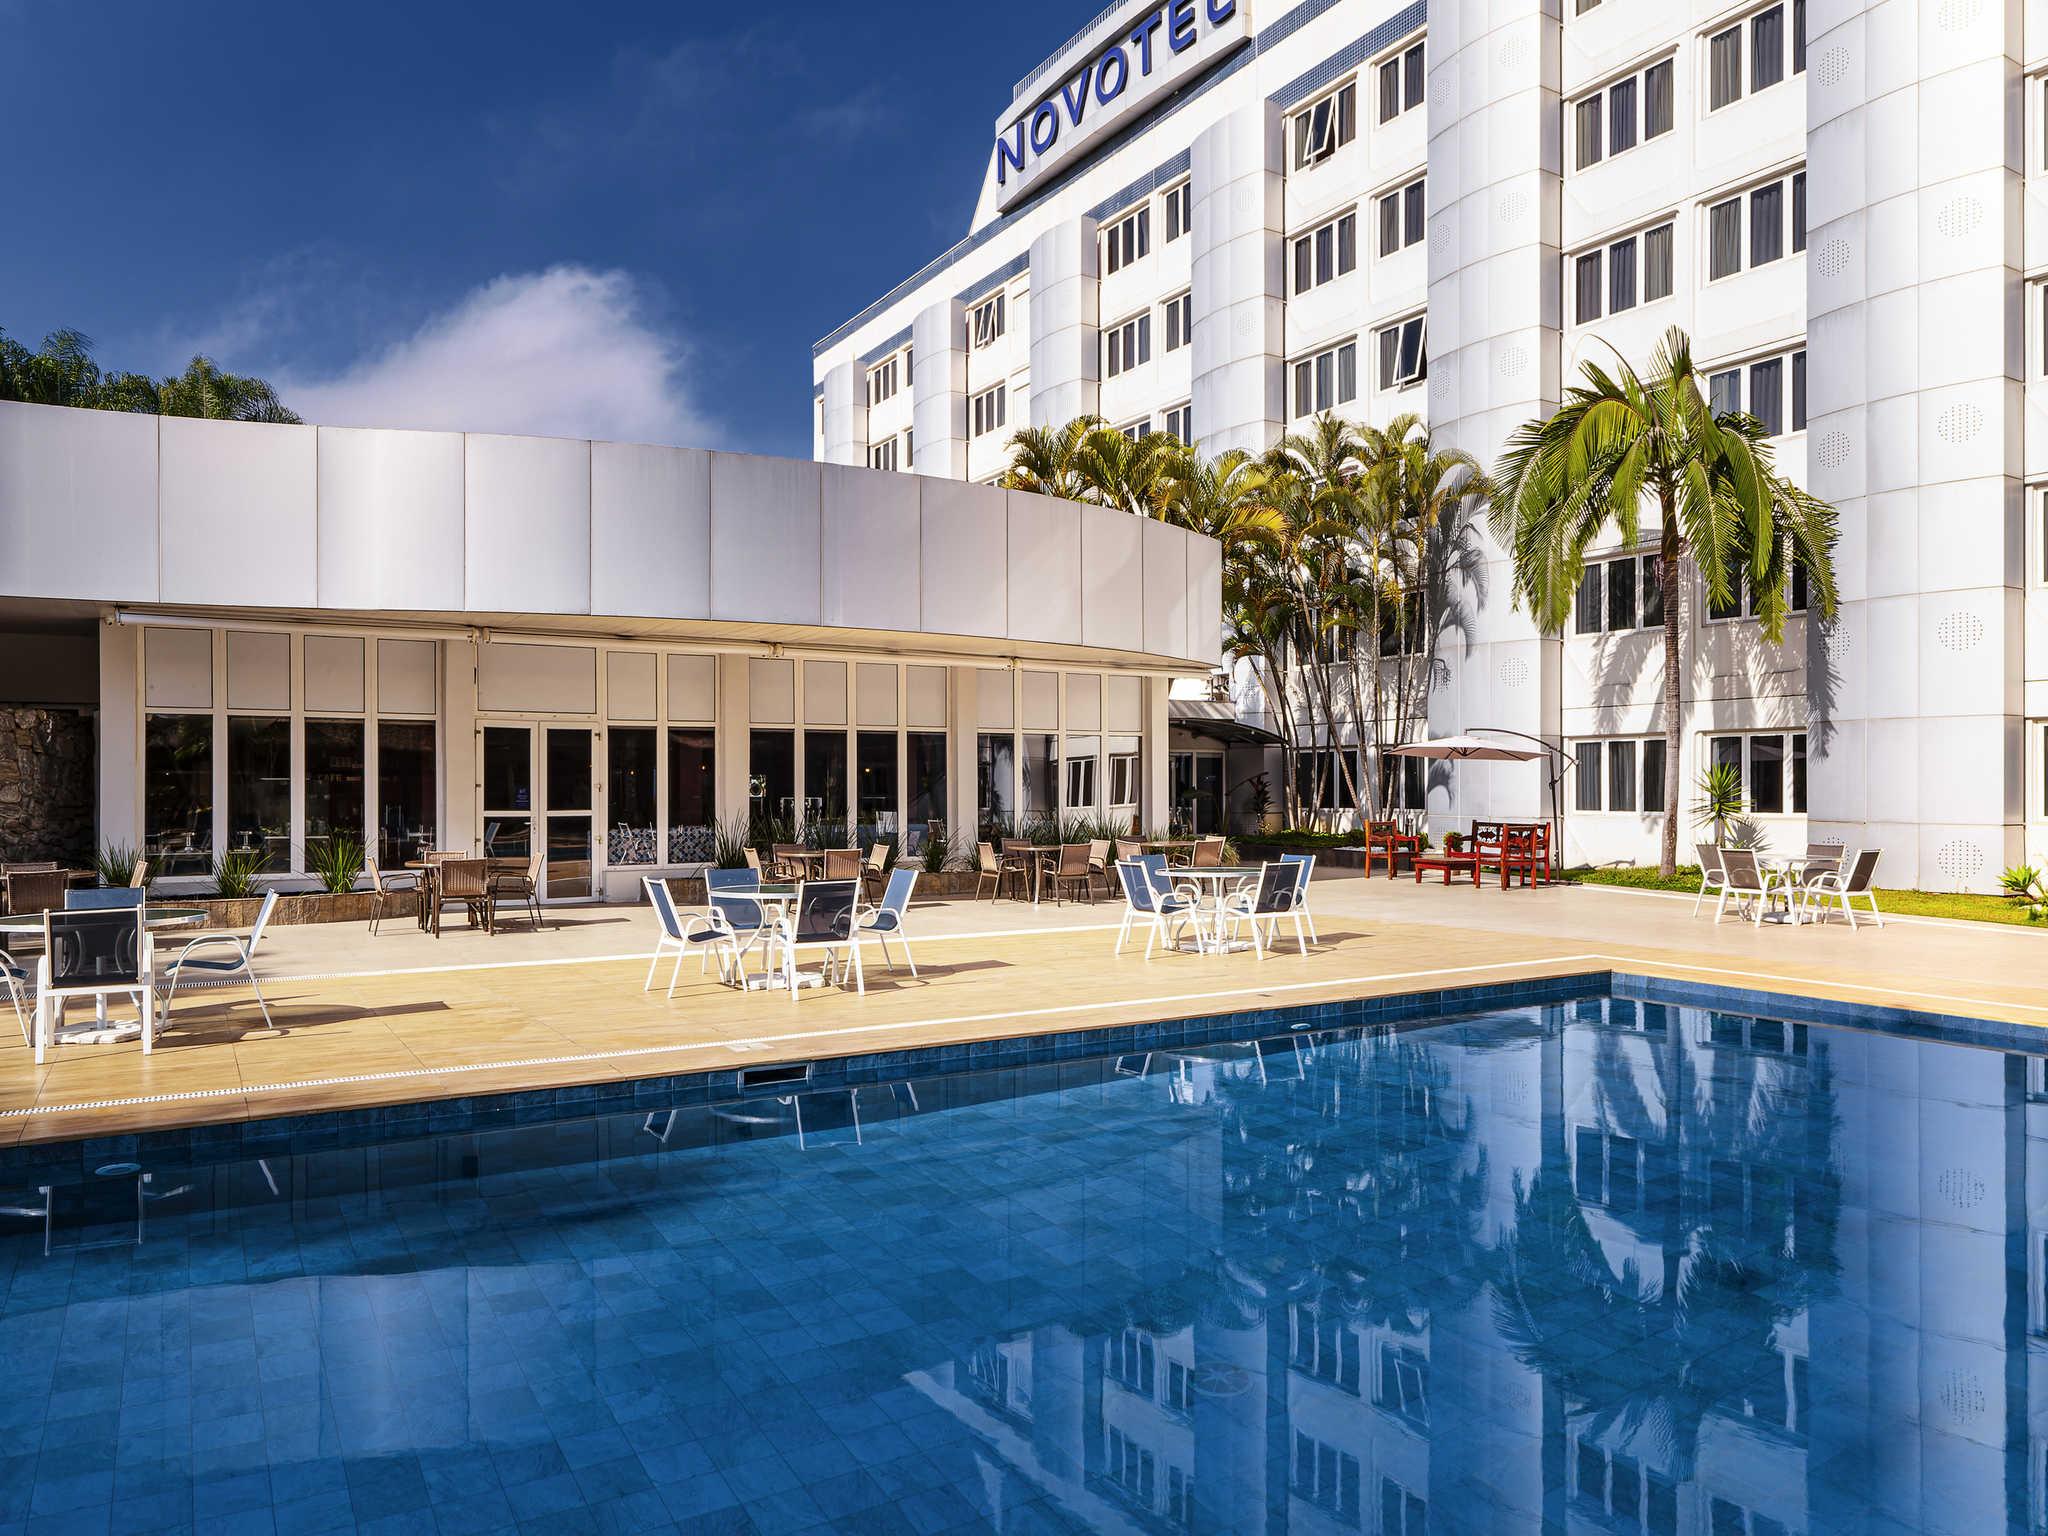 Hotel - Novotel São José dos Campos